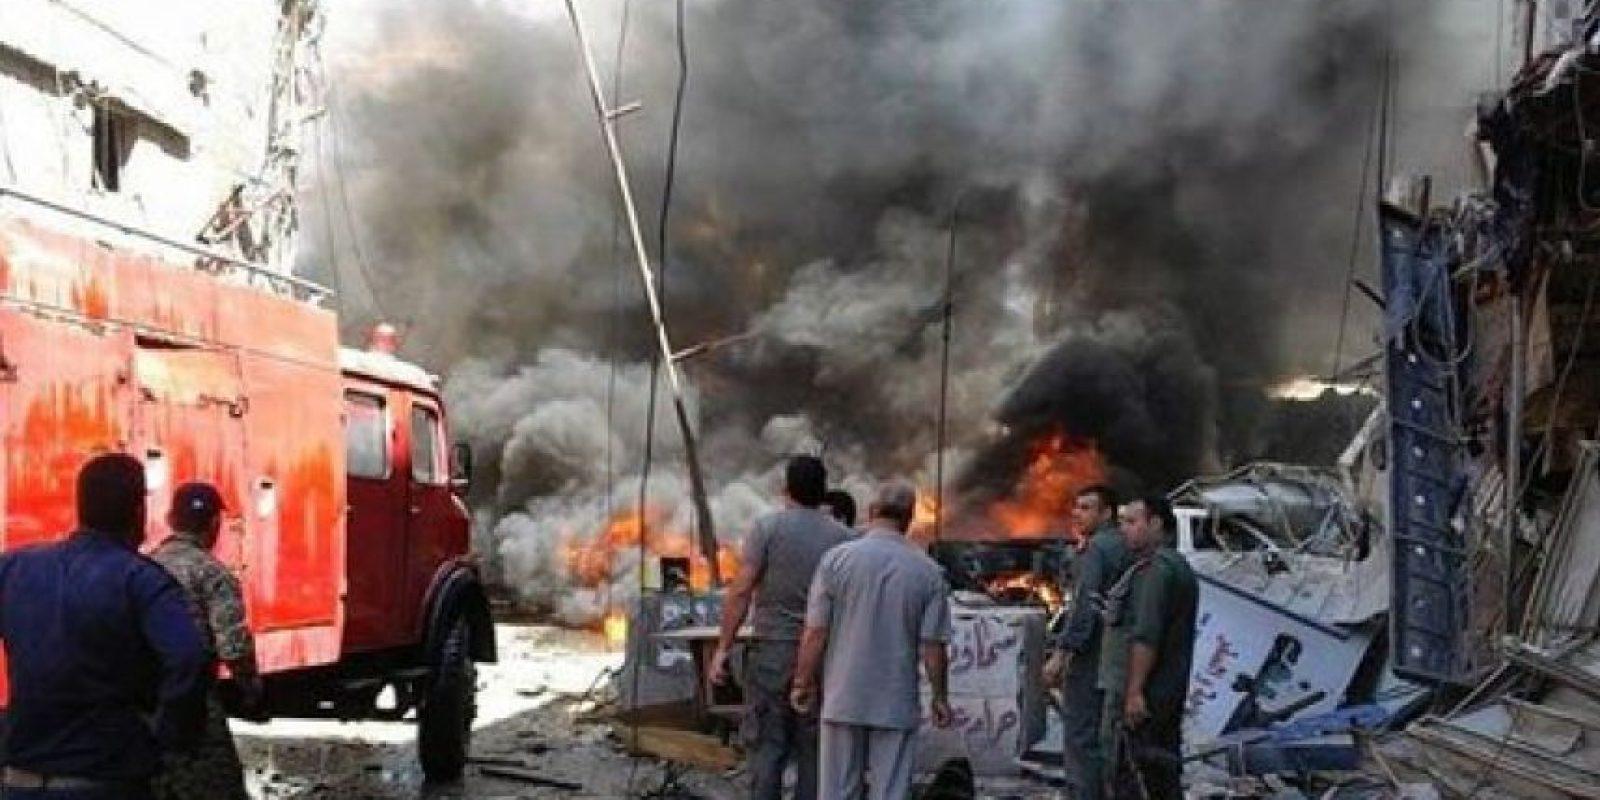 SANA atribuyó la primera explosión a un atacante suicida con un chaleco explosivo en la entrada del distrito de Ziabiye e informó que la segunda se había debido a un automóvil bomba en la calle al-Tin. Foto:AP/ Archivo